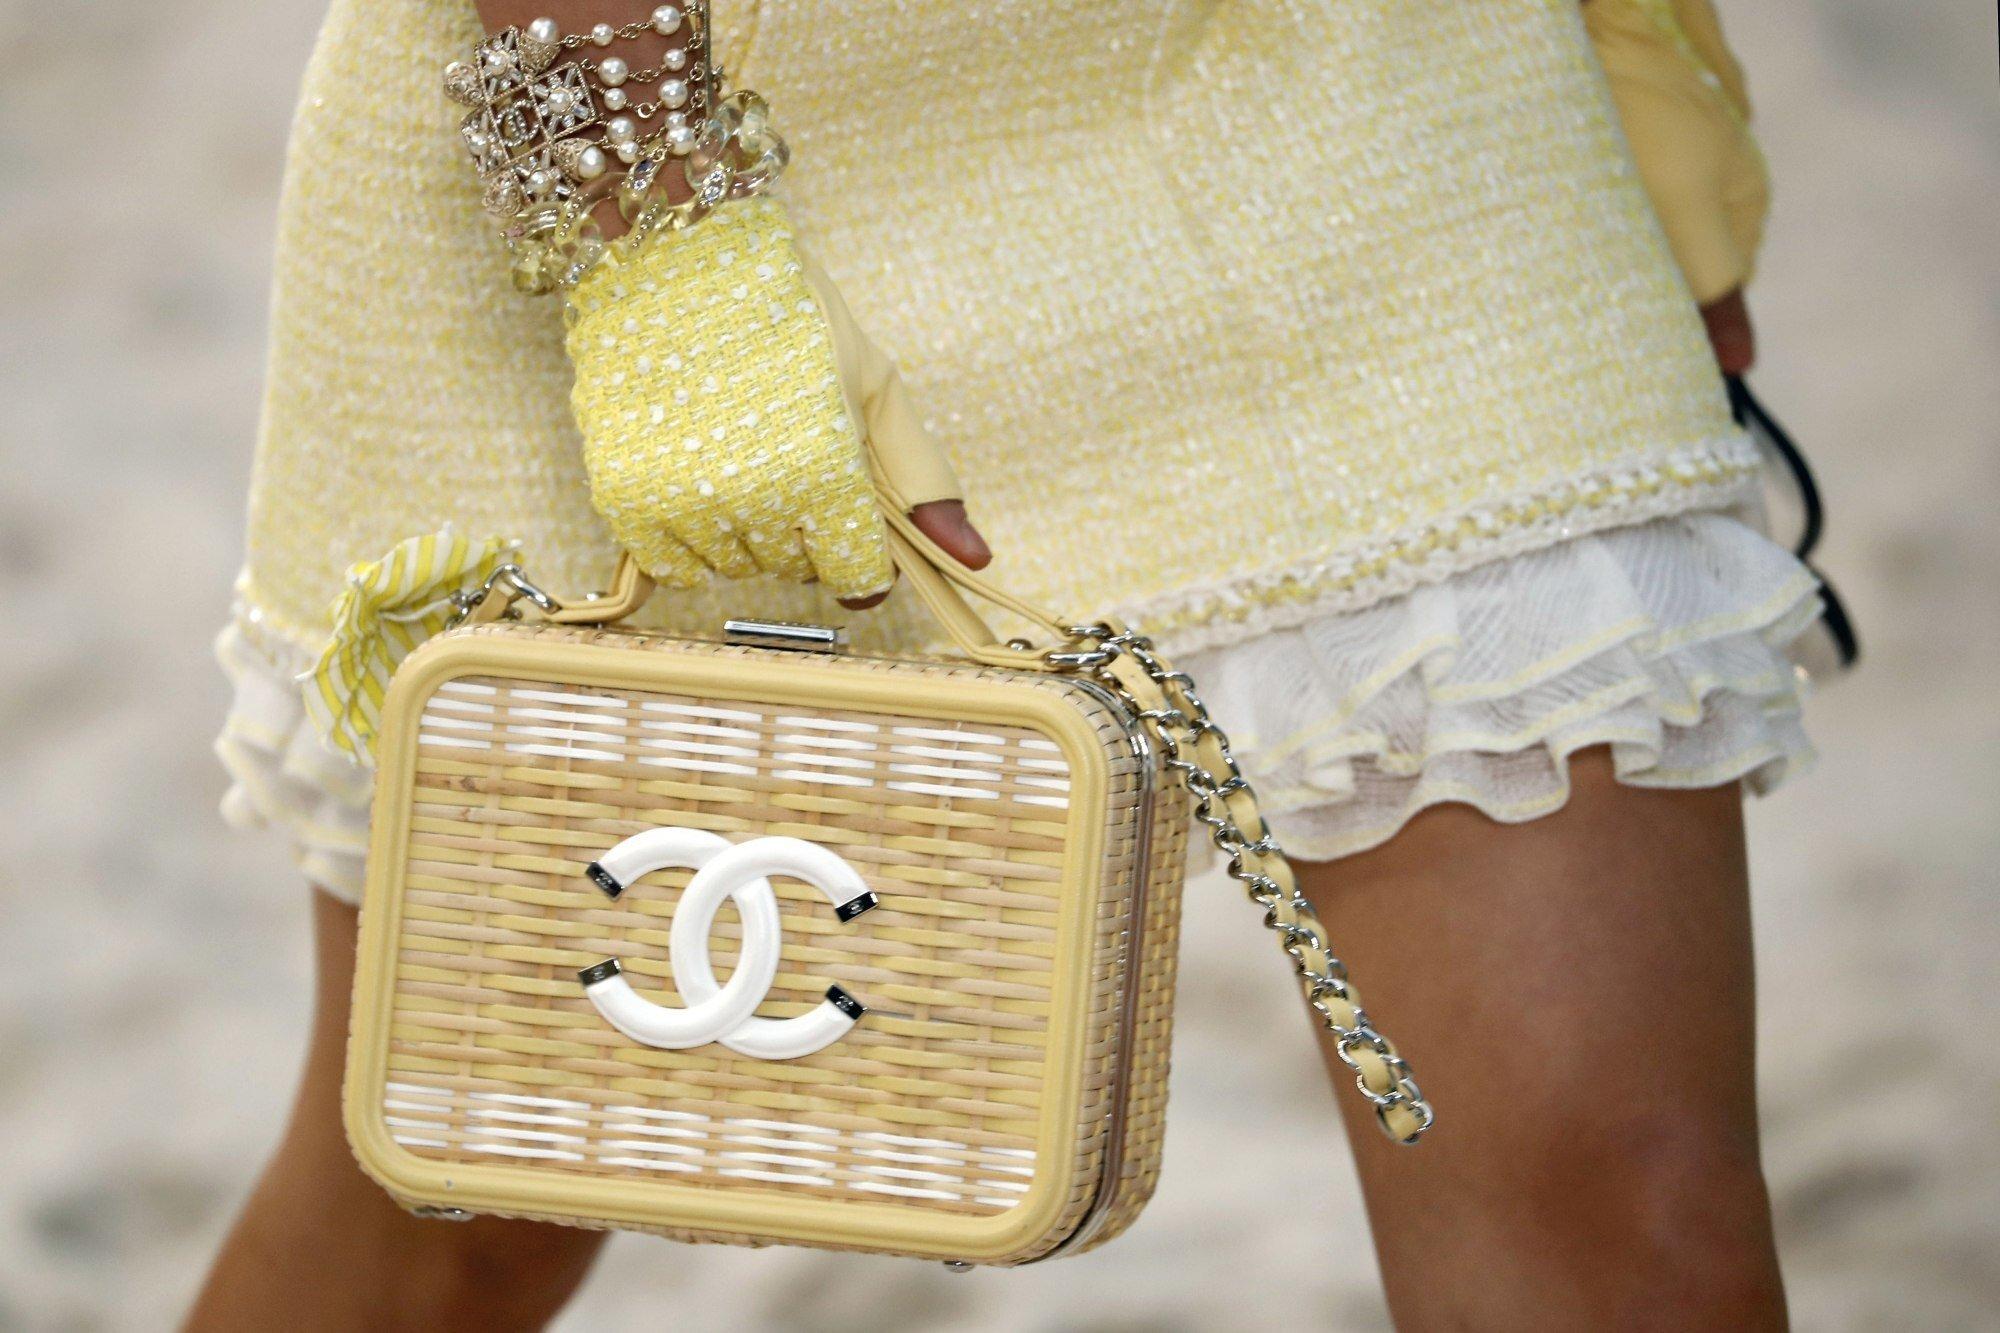 Gen Z không còn hứng thú với những món hàng xa xỉ - Sự chấm hết của Gucci, Louis Vuitton và Chanel? - Ảnh 2.